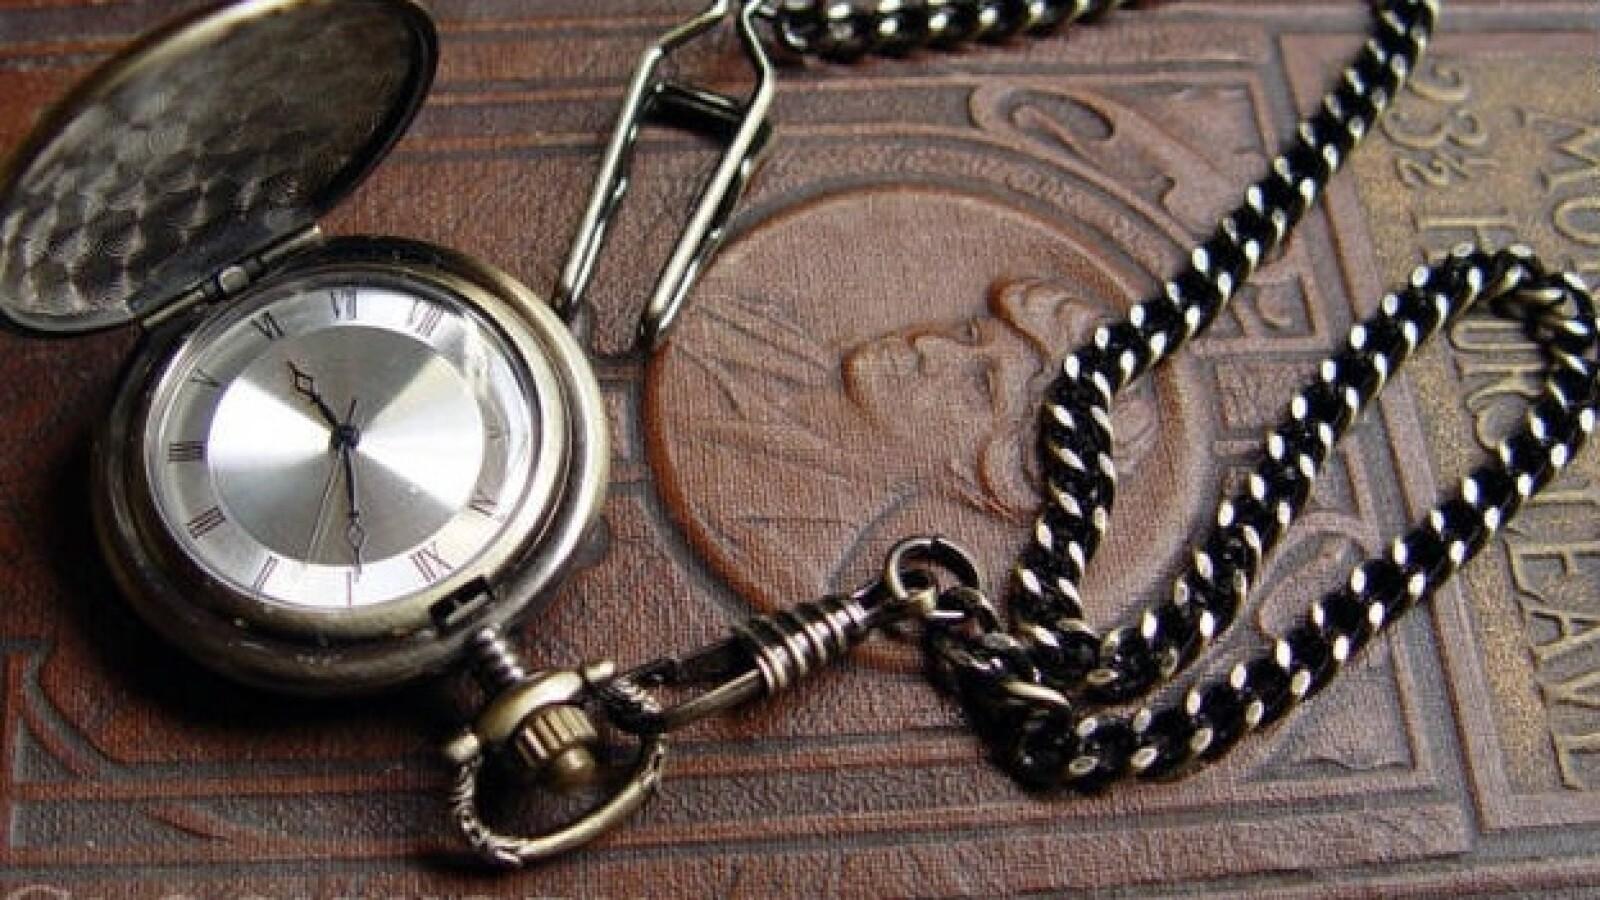 reloj bolsillo steampunk